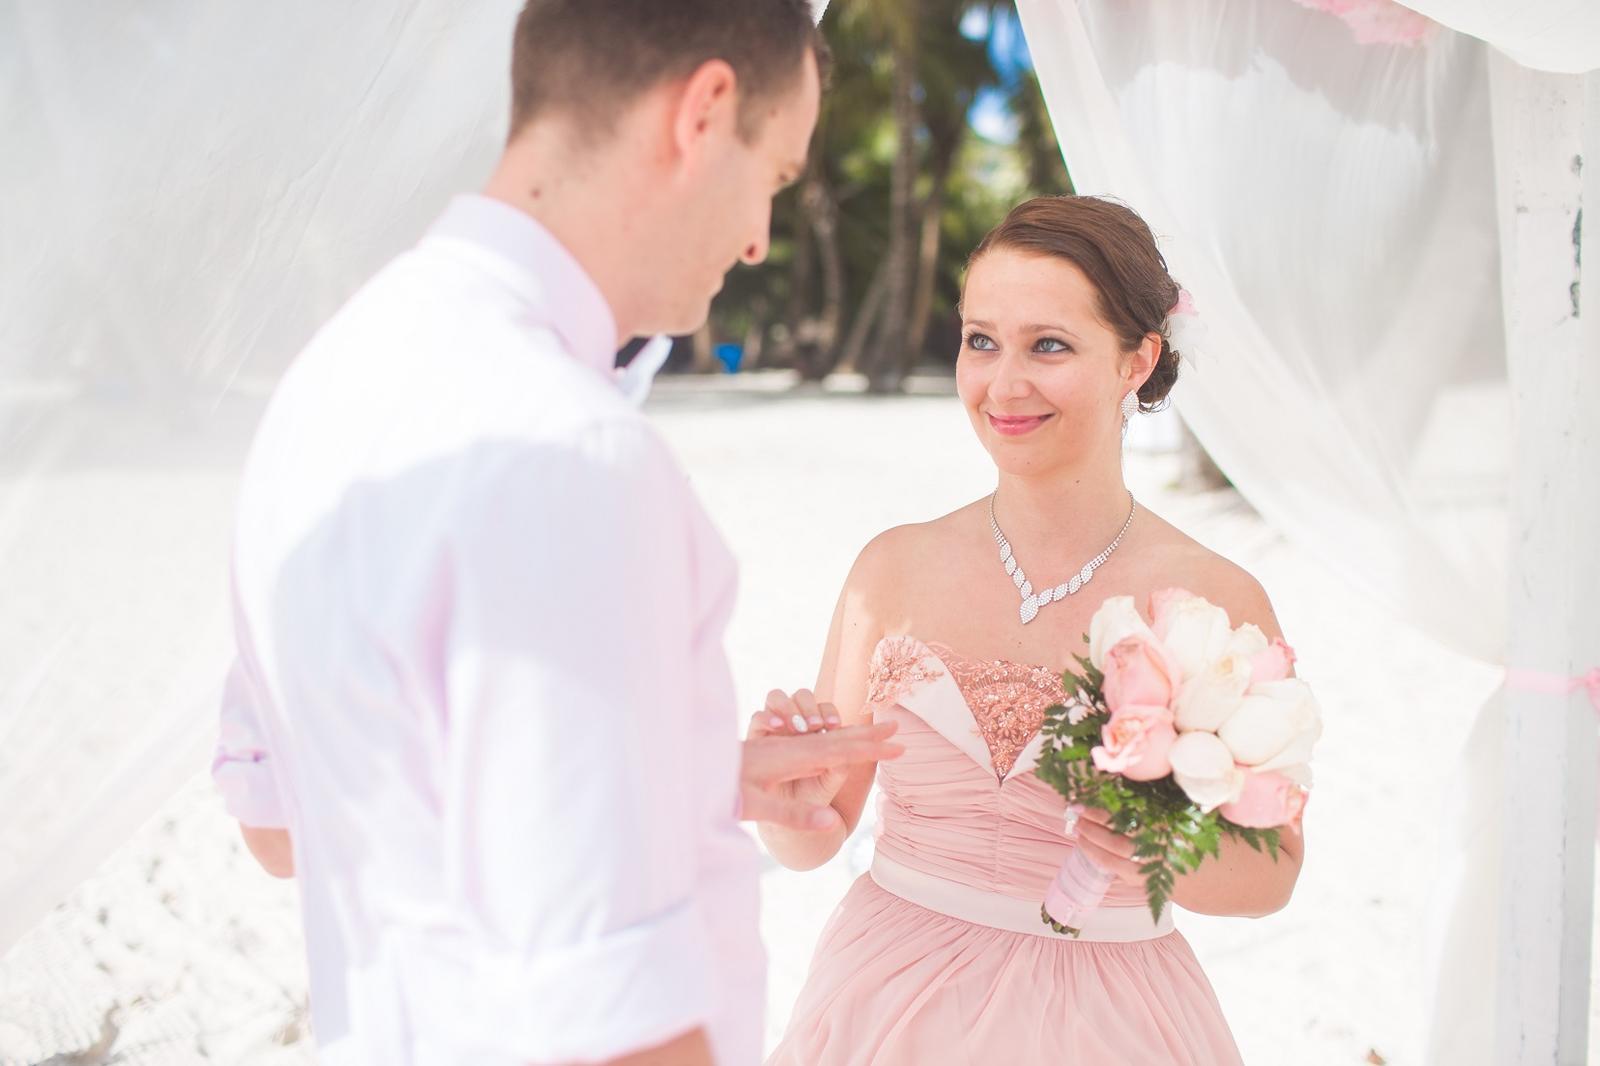 Diana{{_AND_}}Patrik - áá výmena obrúúčok, baby užívajte si tento moment, je to fakt niečo kráásne, rýchle a nezabudnuteľné :)